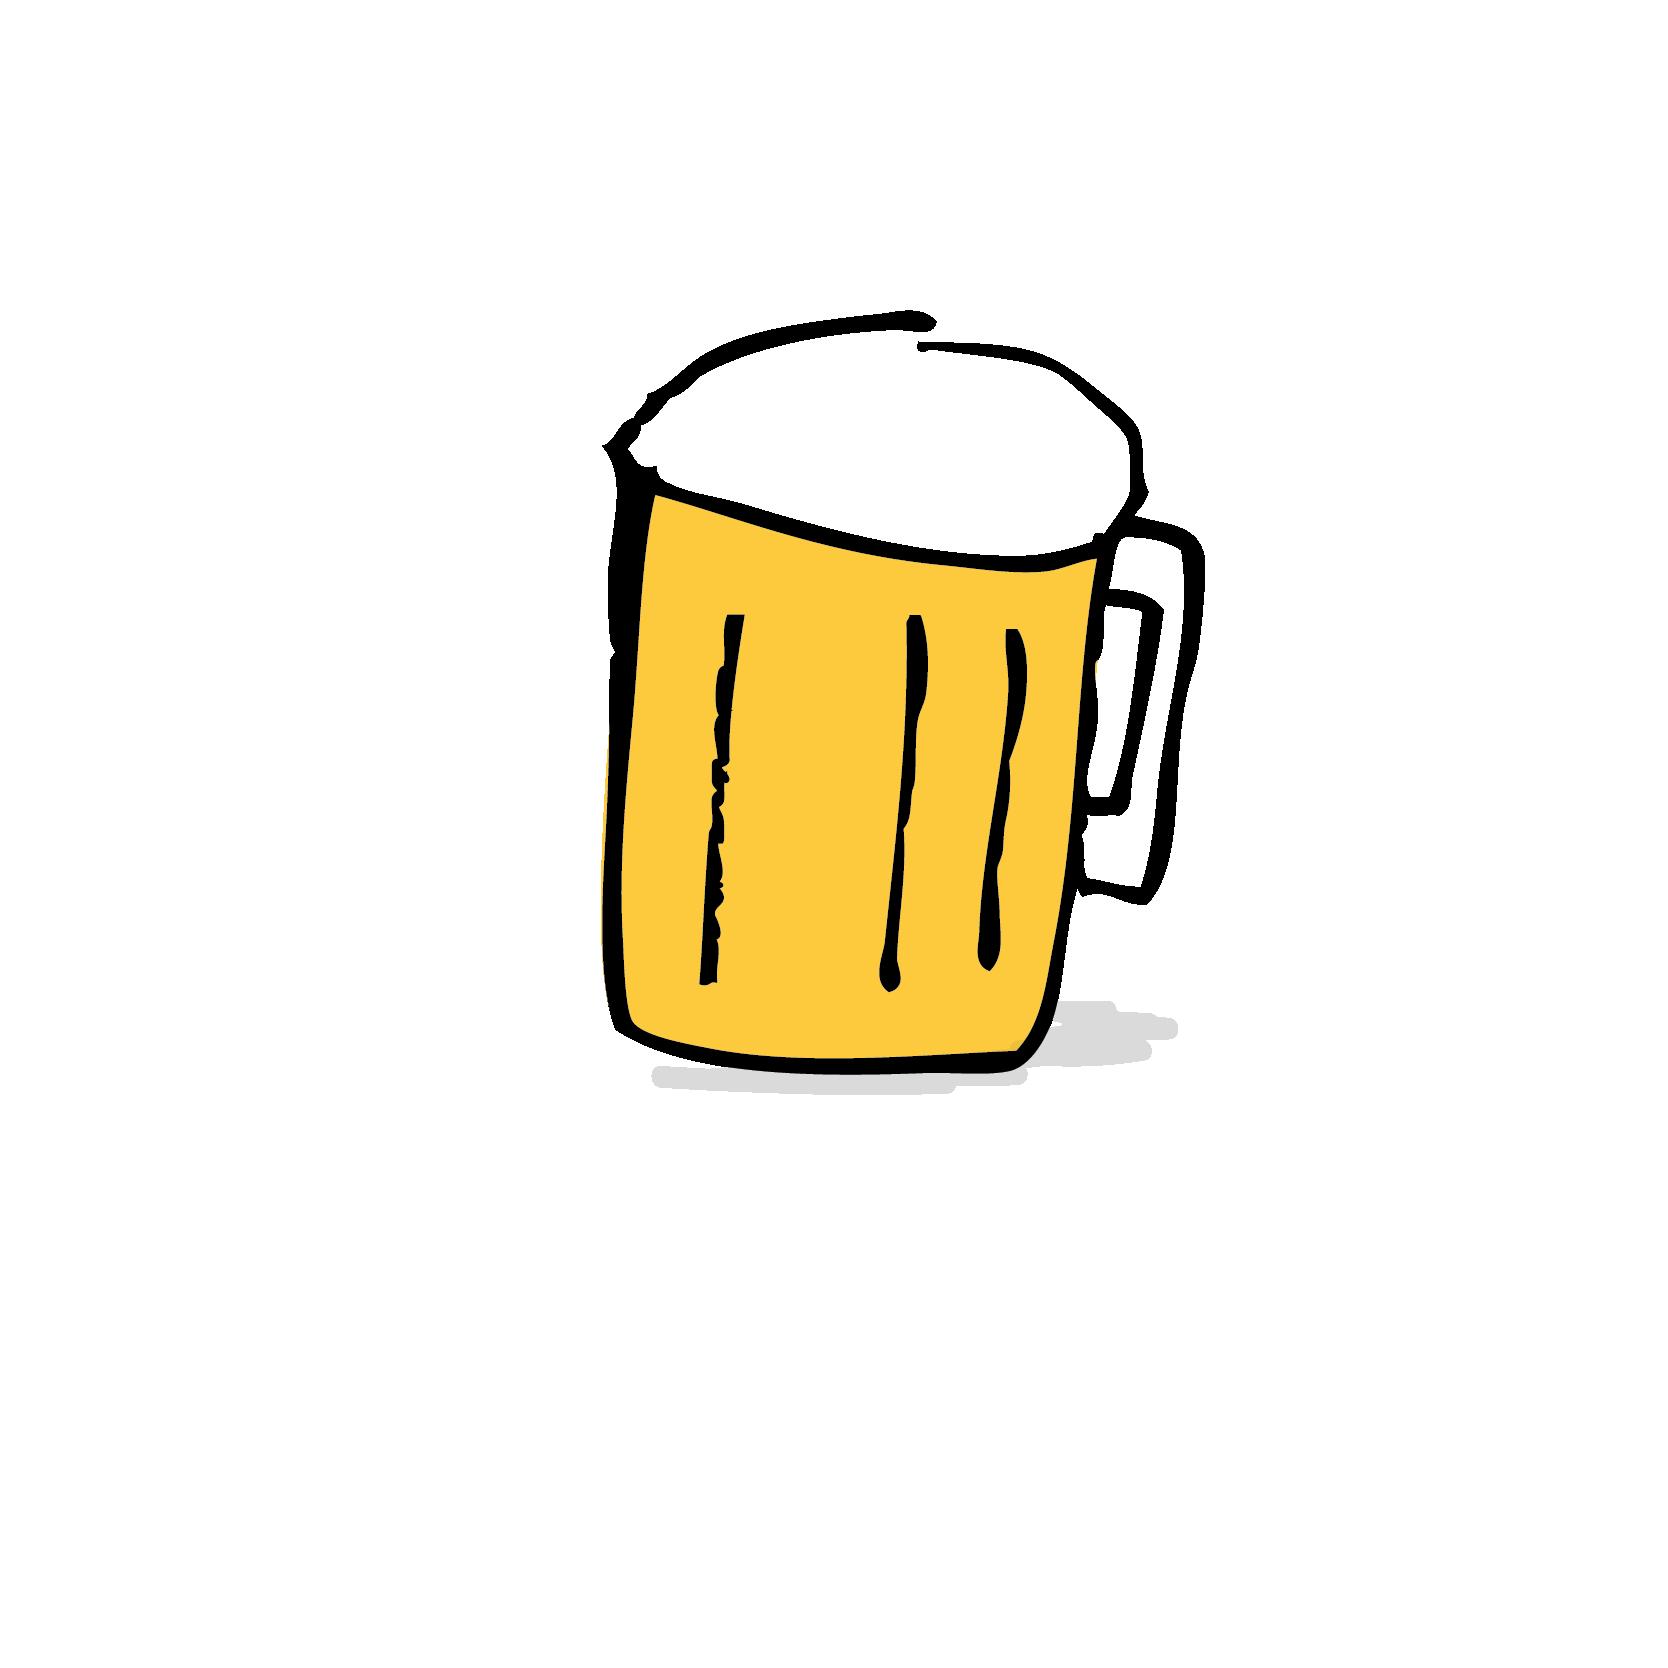 La birreria